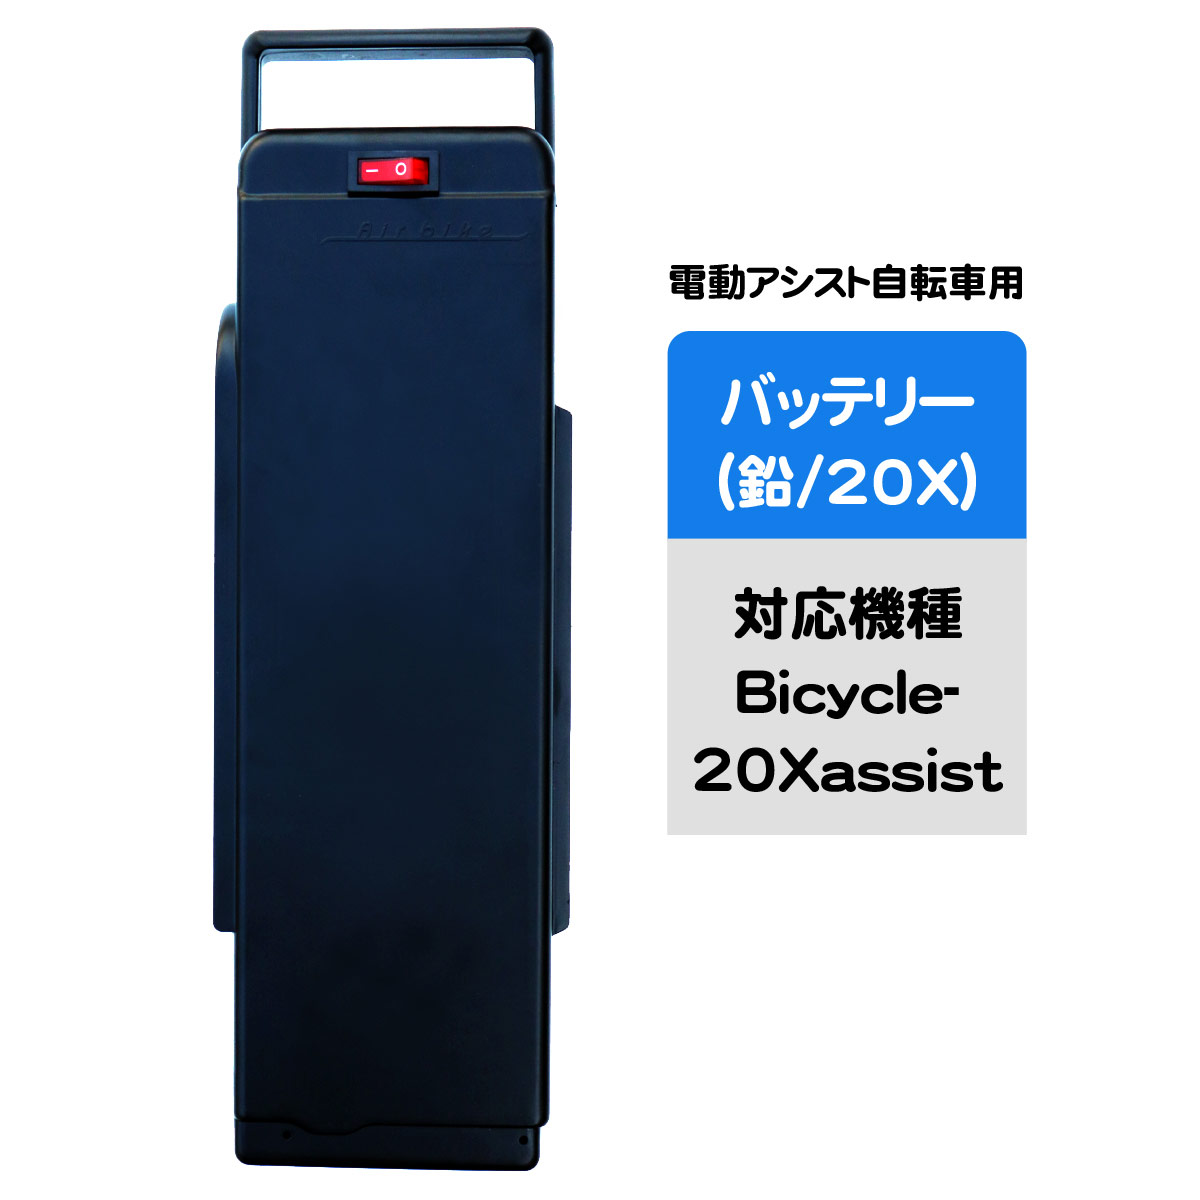 電動アシスト自転車用バッテリー(20X リード型)